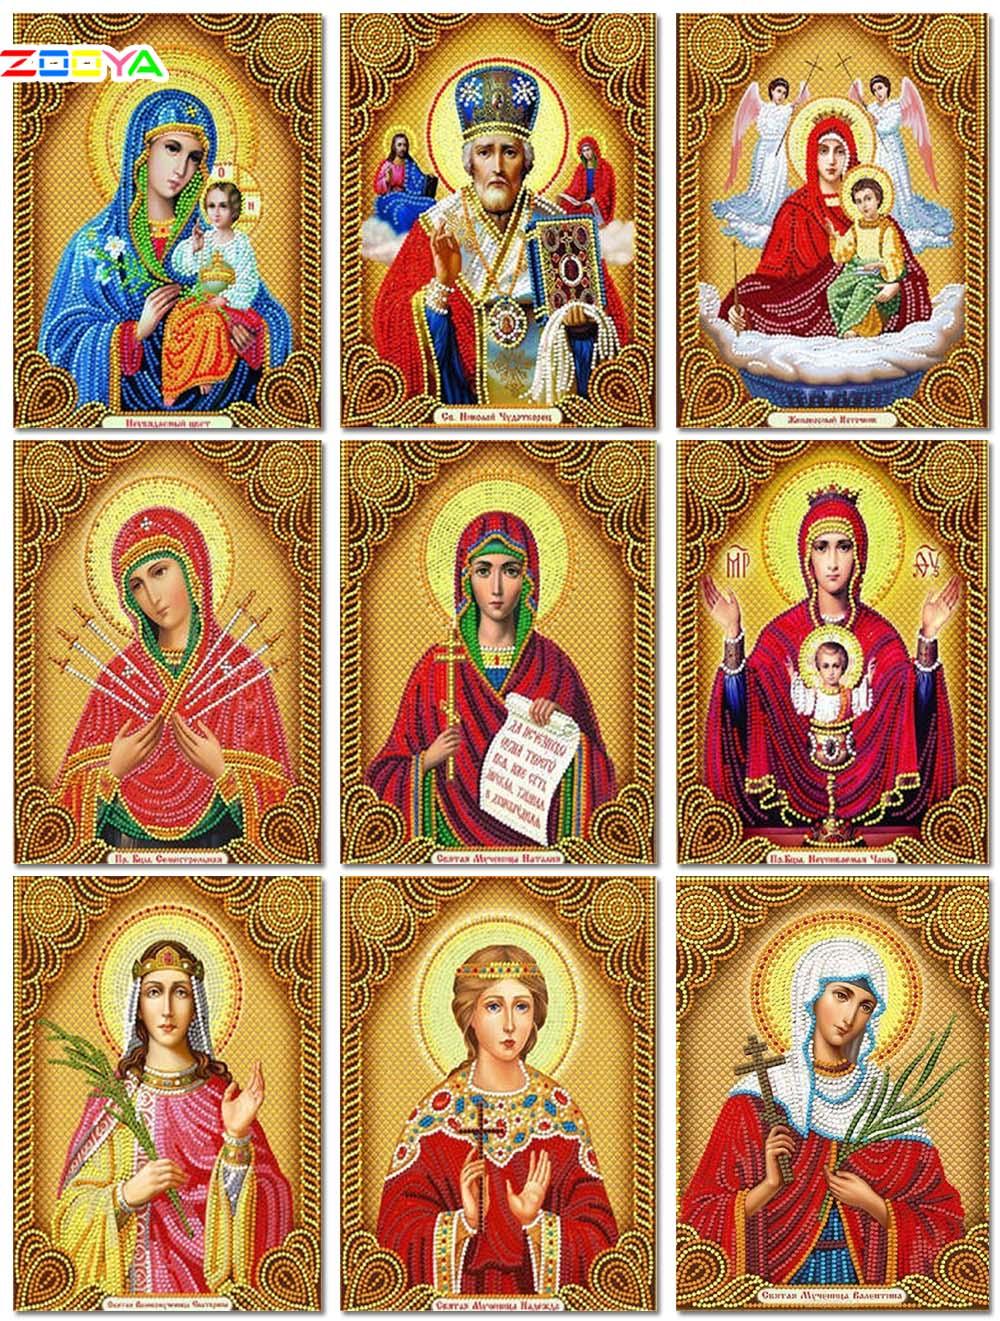 5D Diamant Malerei Madonna Voll Platz Religion Strass Diamant Mosaik Stickerei Verkauf Kreuz Stich Wohnkultur Geschenk 3Zj08